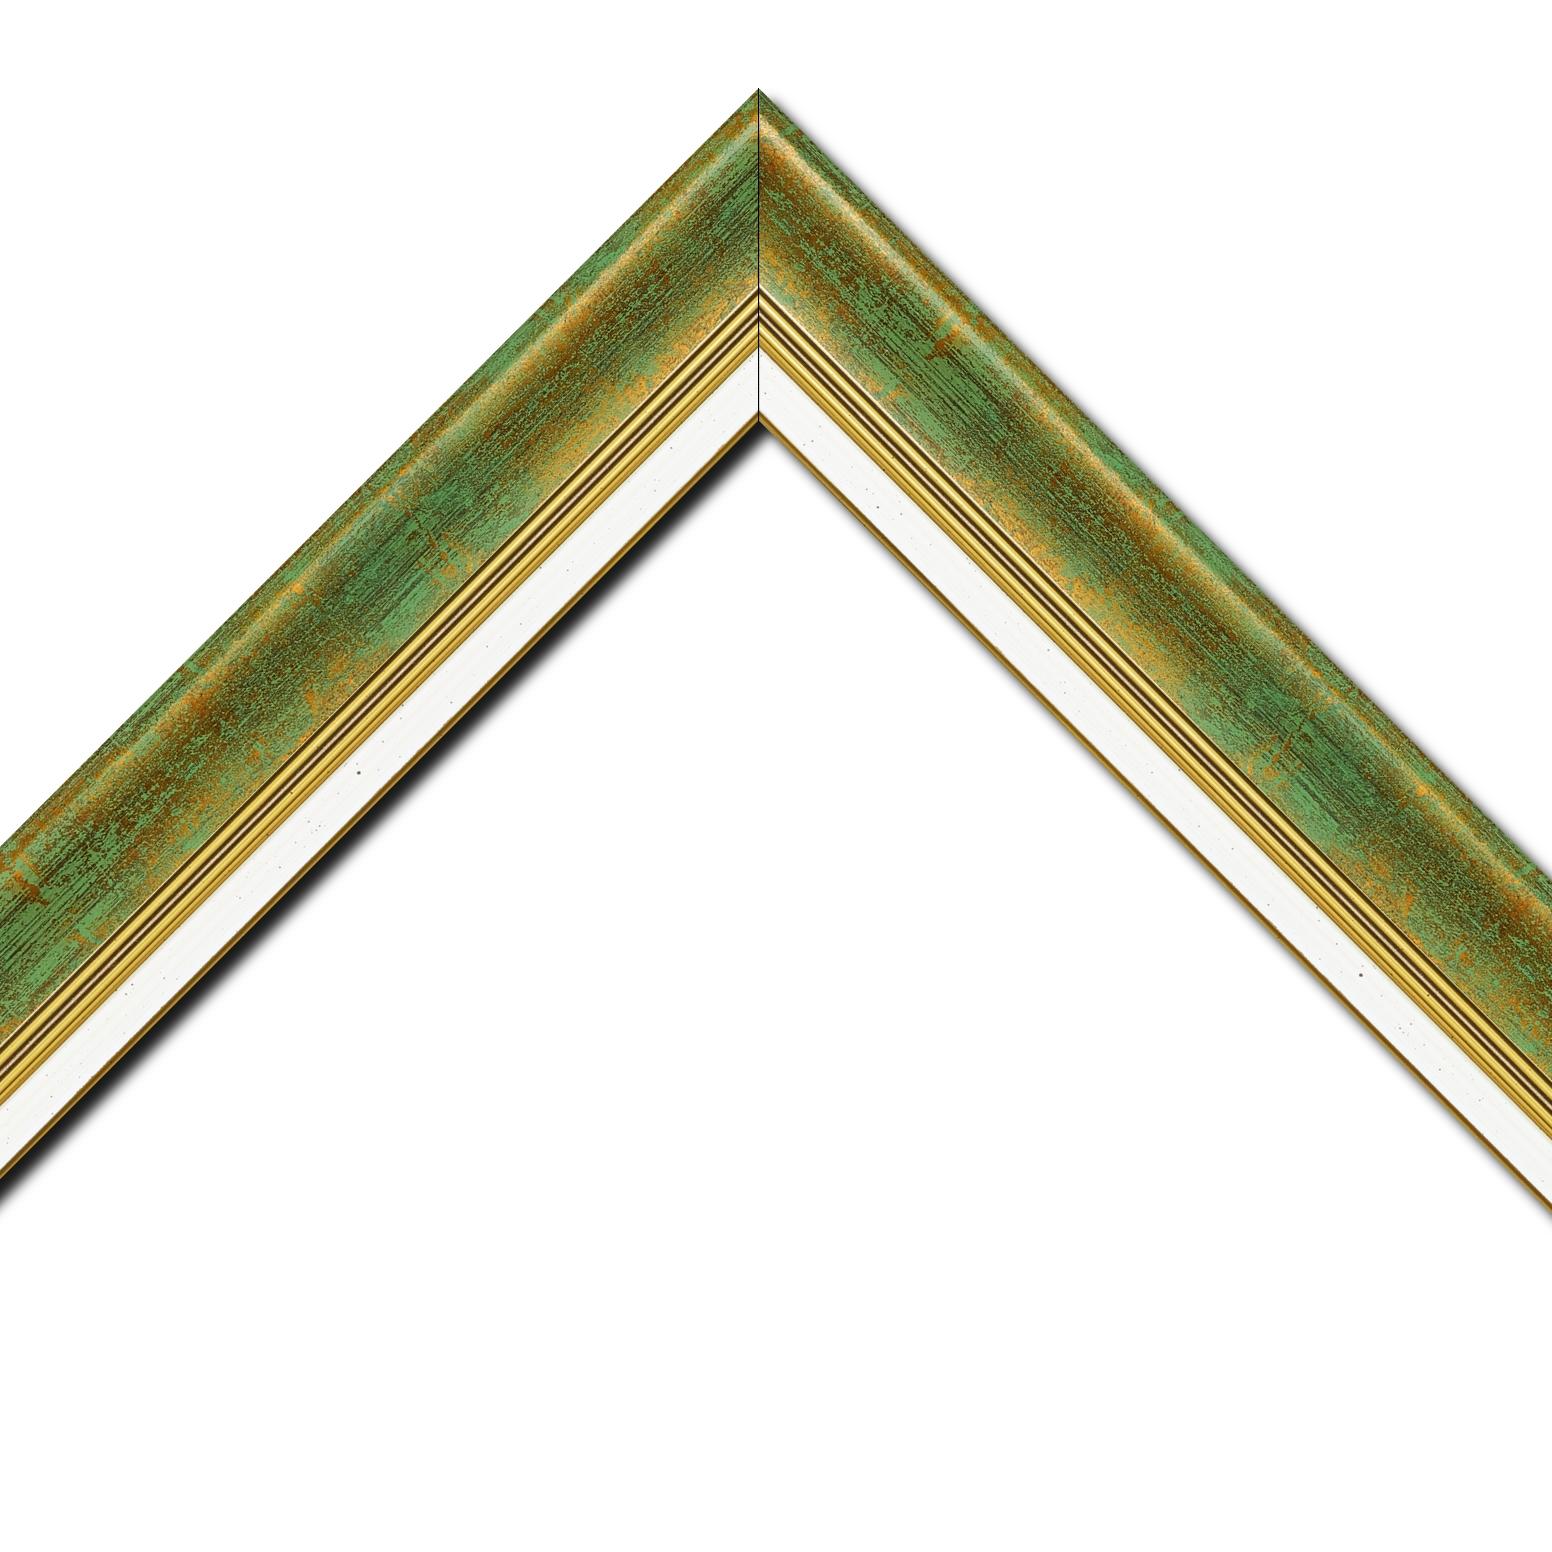 Baguette bois profil incurvé largeur 5.7cm de couleur vert fond or marie louise blanche mouchetée filet or intégré